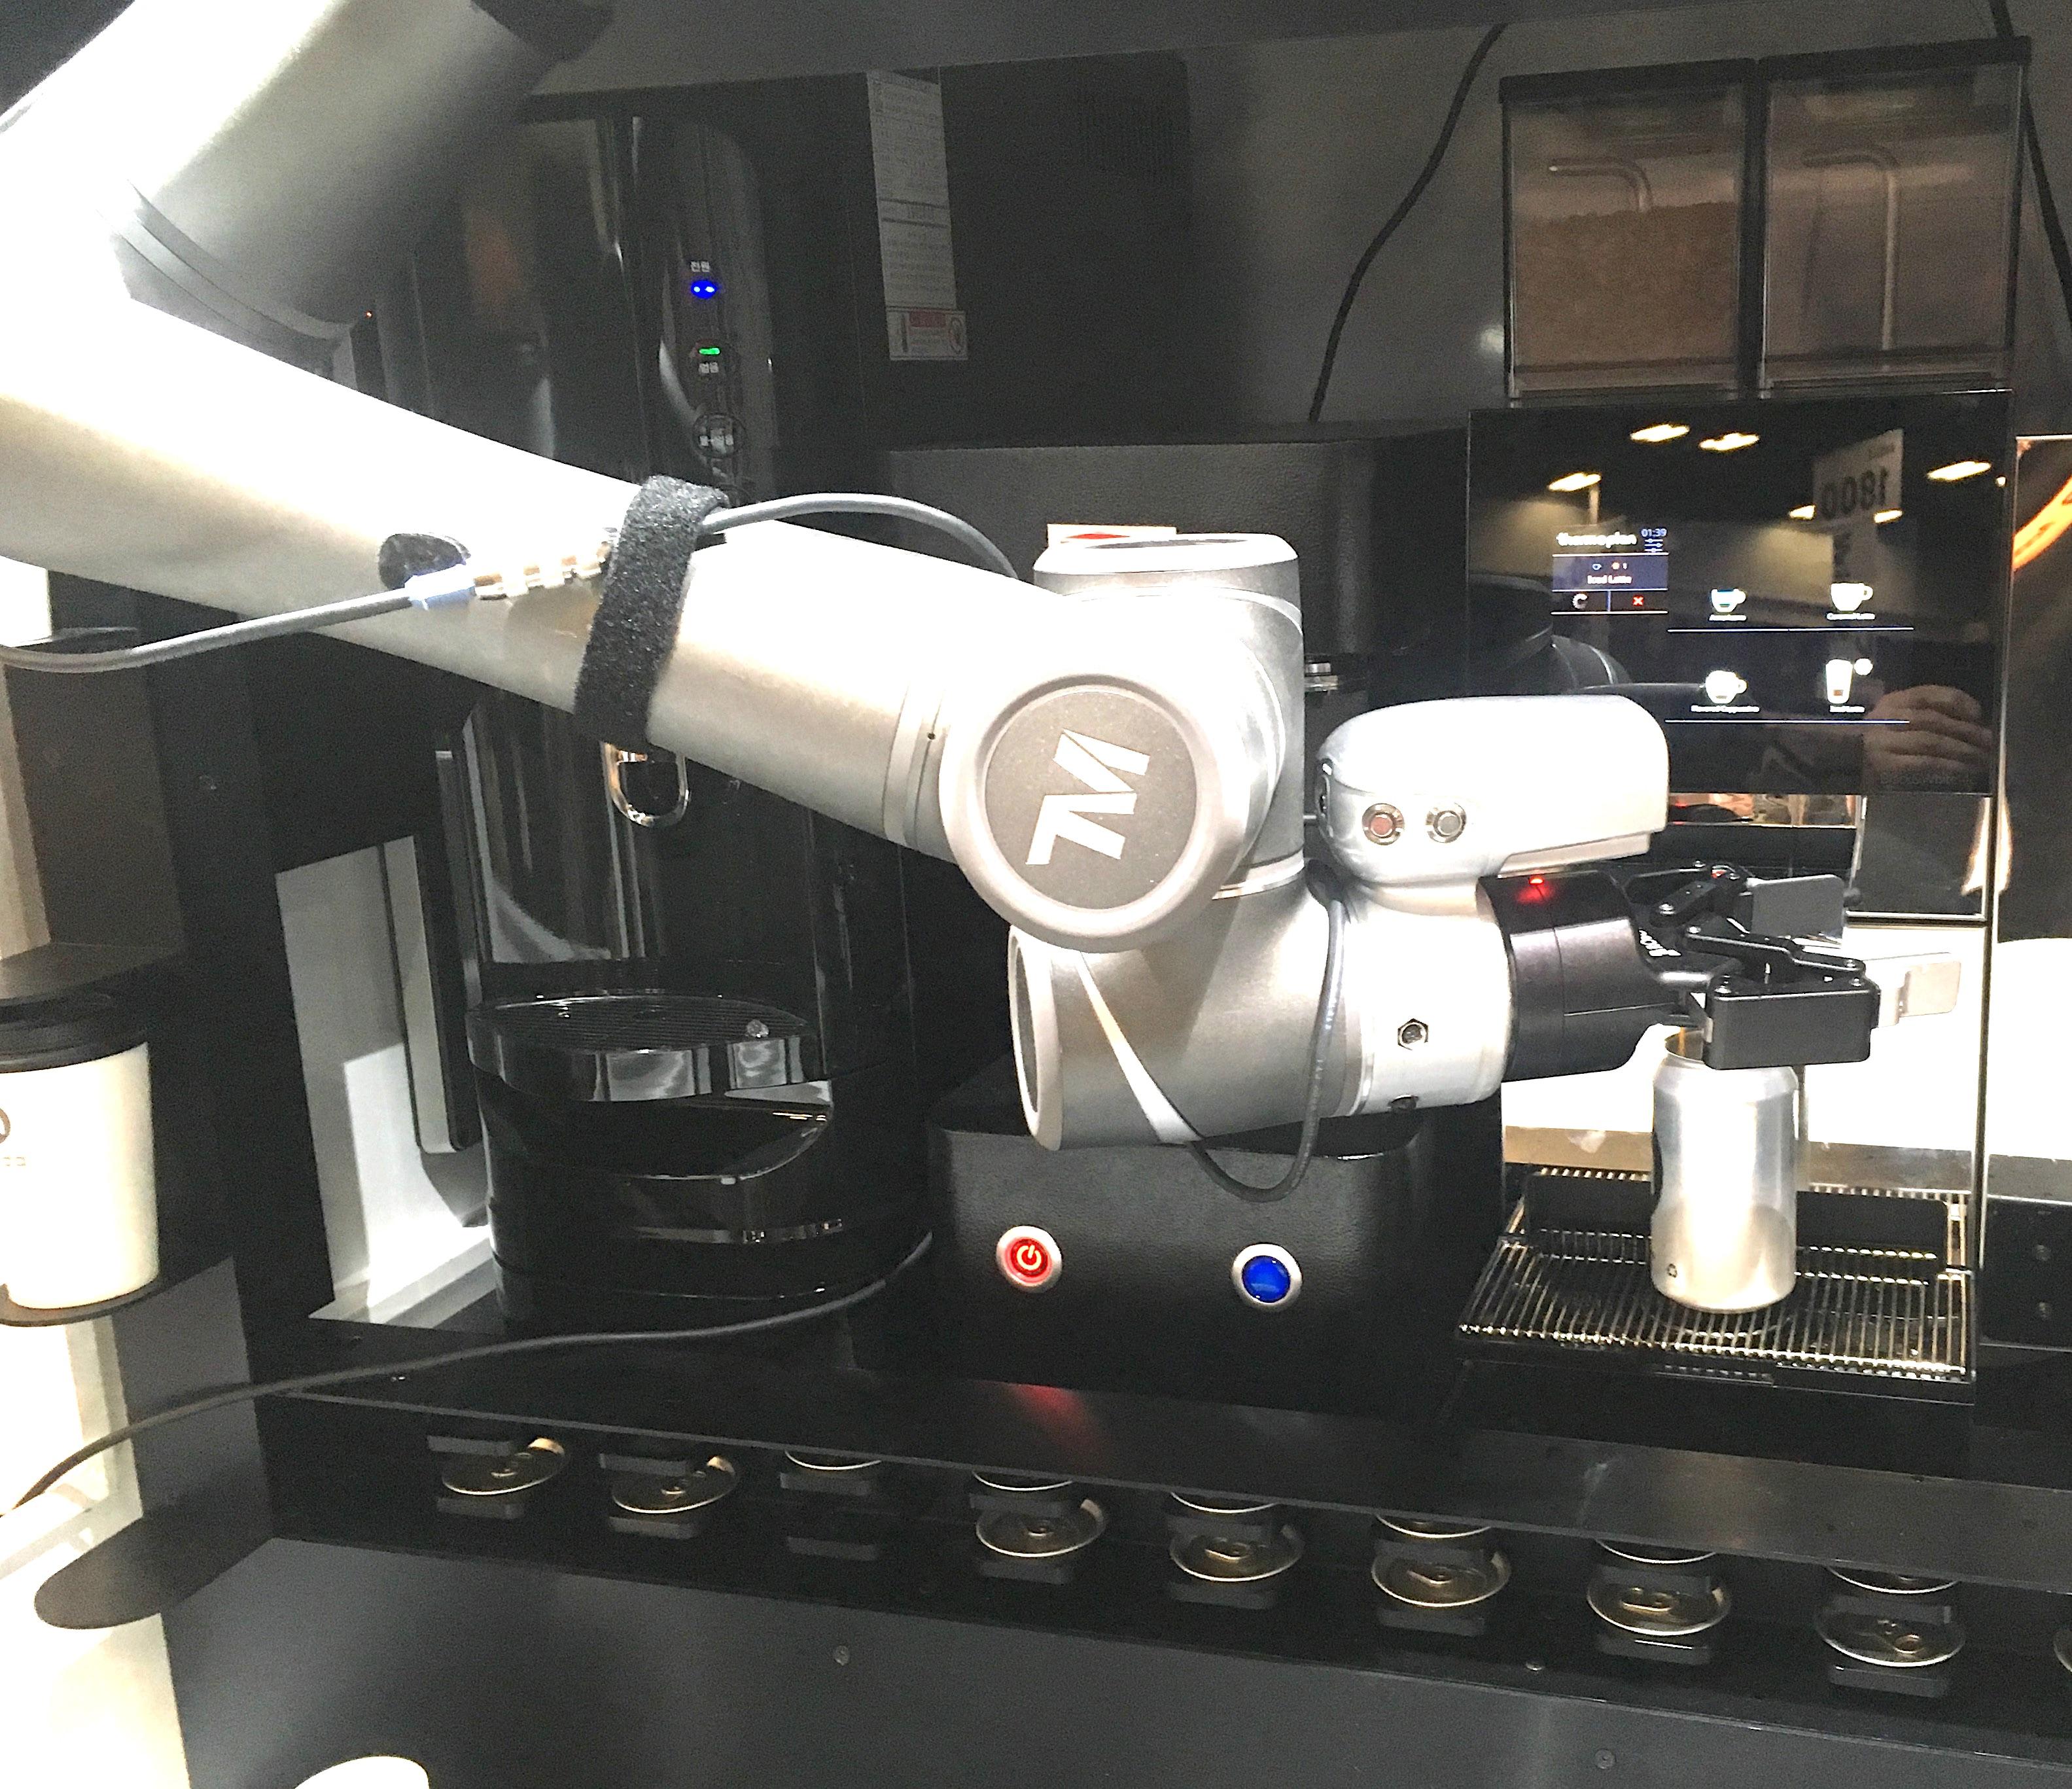 Une canette de boisson faite maison pour la route?